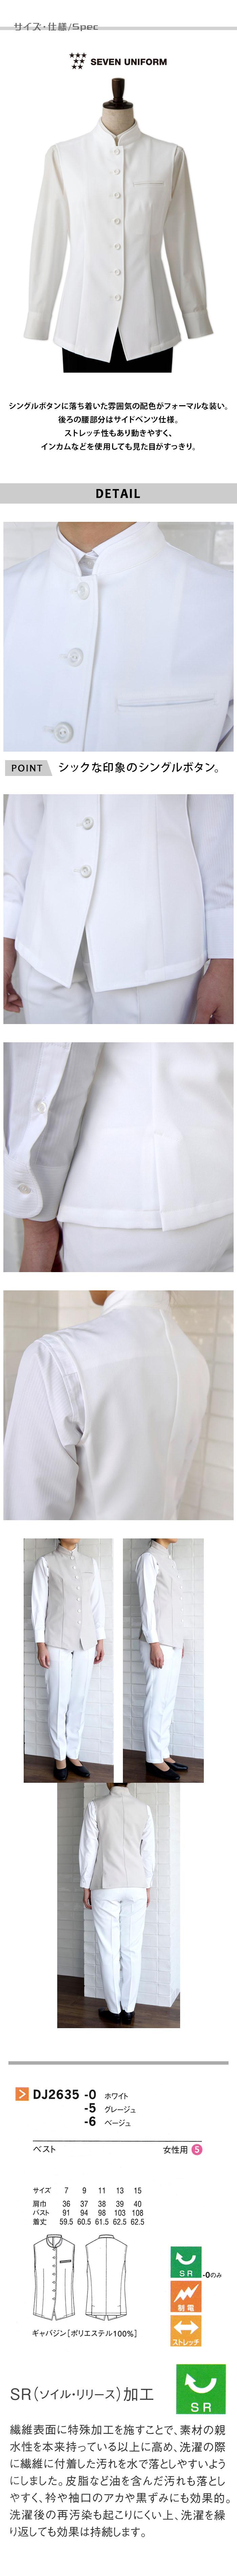 飲食店販売店制服 落ち着いた配色とシングルボタンがフォーマルな装い。ベスト【3色】女性用